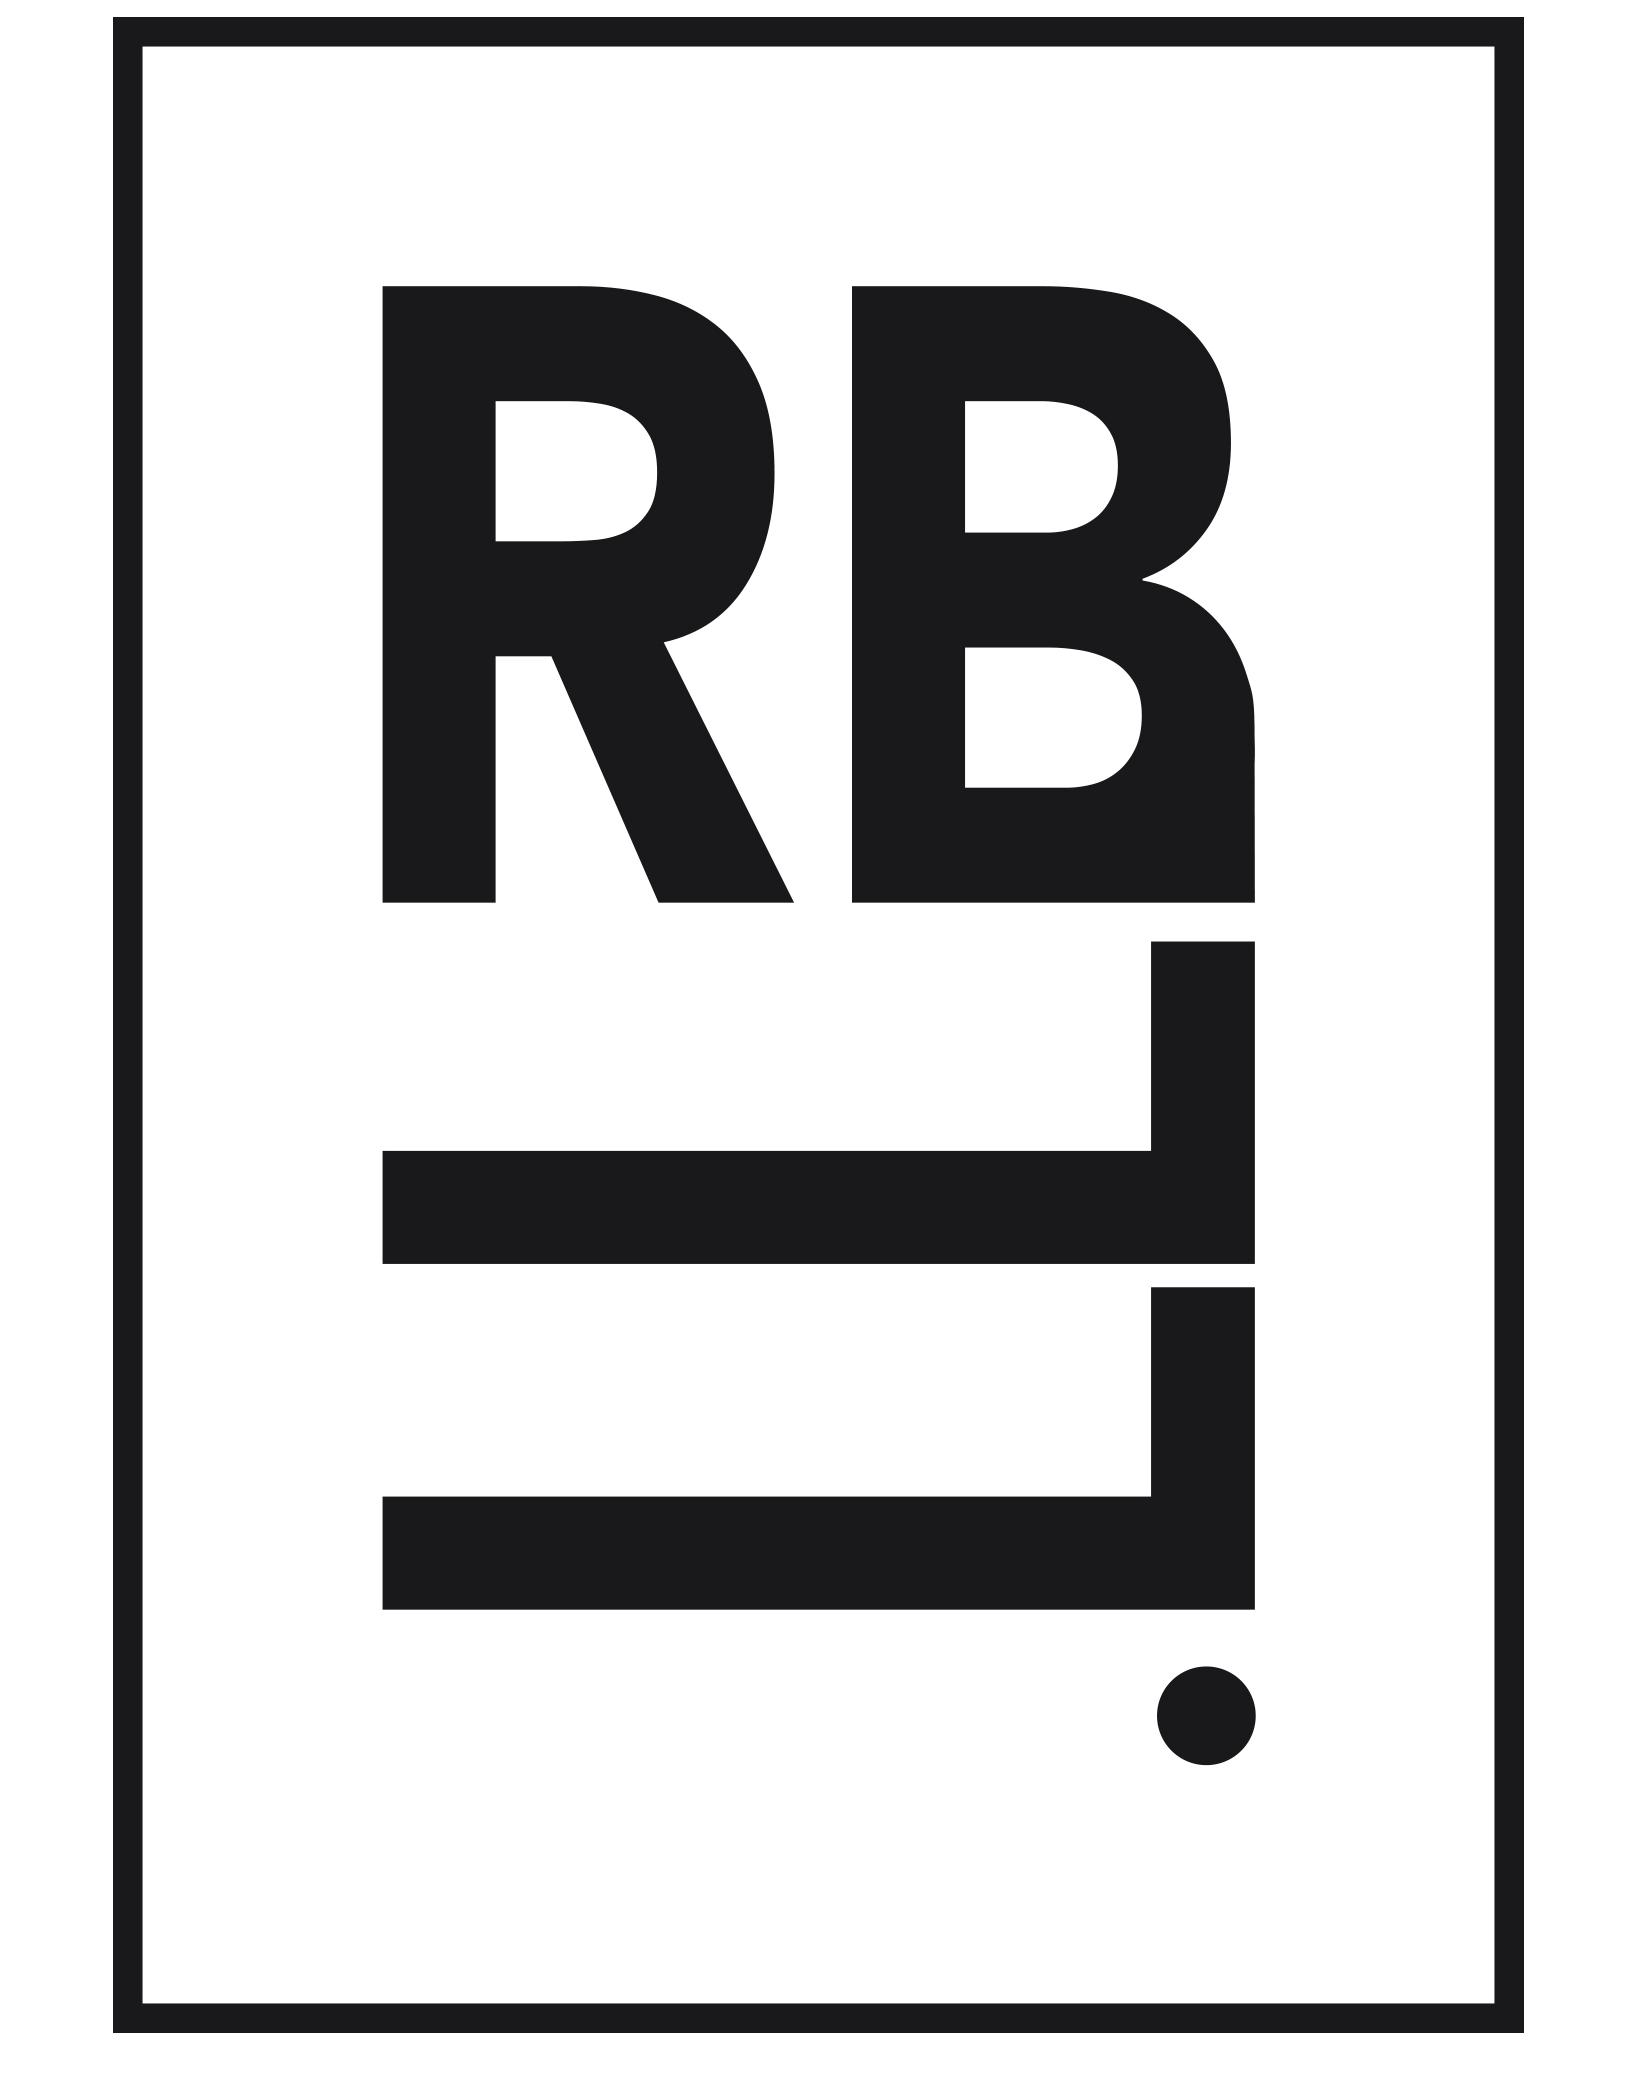 RBLL logo